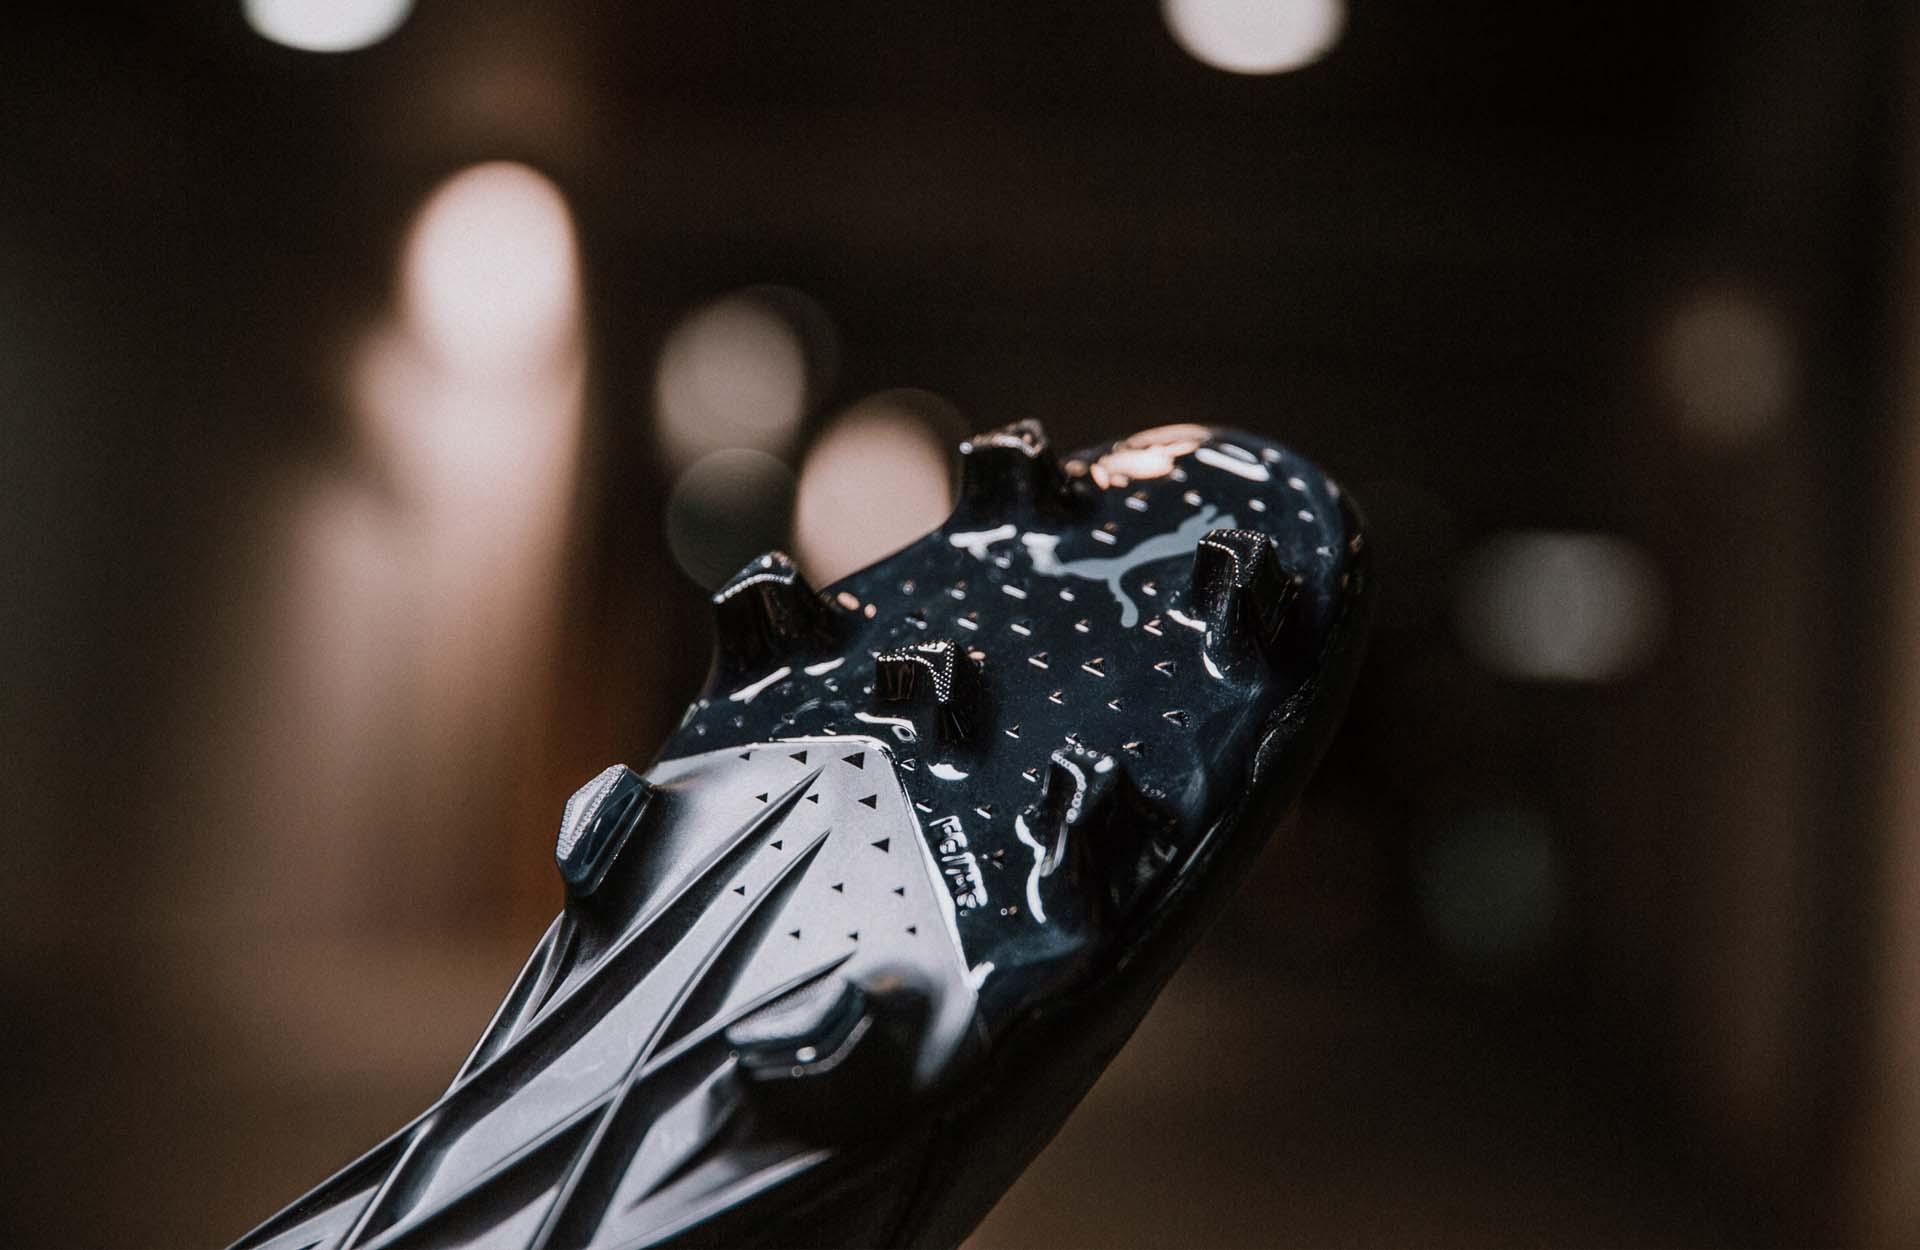 Thiết kế đinh FG của giày Puma Ultra 1.1 da thật màu đen black out